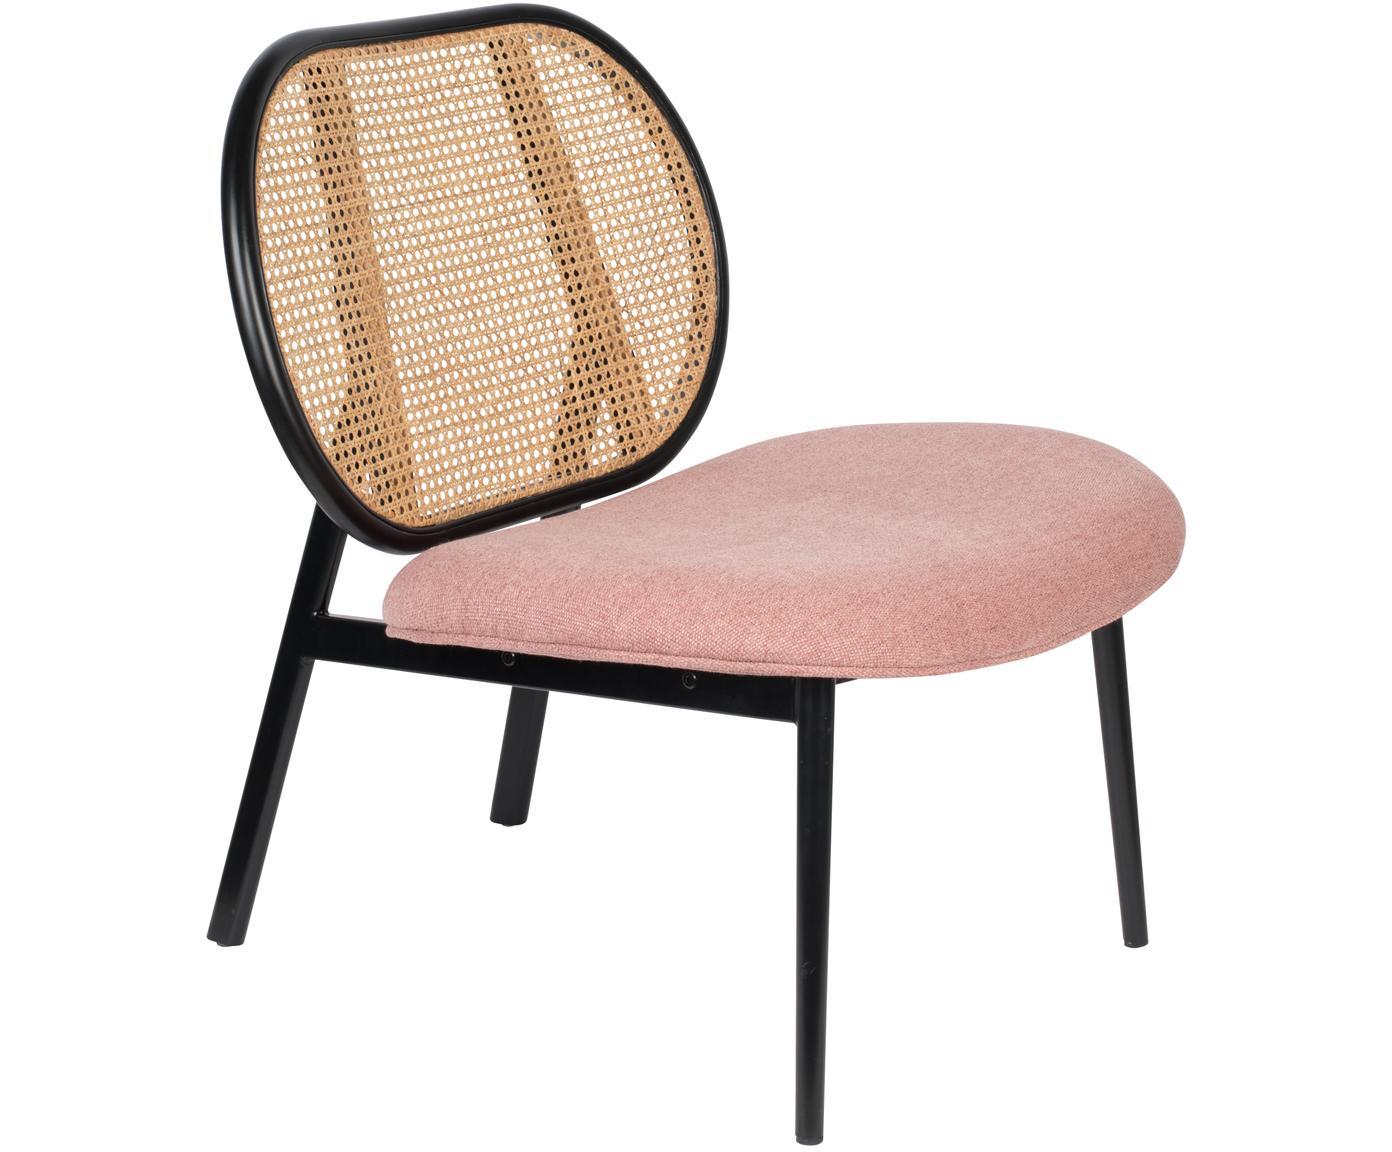 Fotel wypoczynkowy Spike, Tapicerka: poliester 100 000 cykli w, Stelaż: rattan, drewno bukowe, Nogi: metal malowany proszkowo, Beżowy, blady różowy, S 79 x G 70 cm